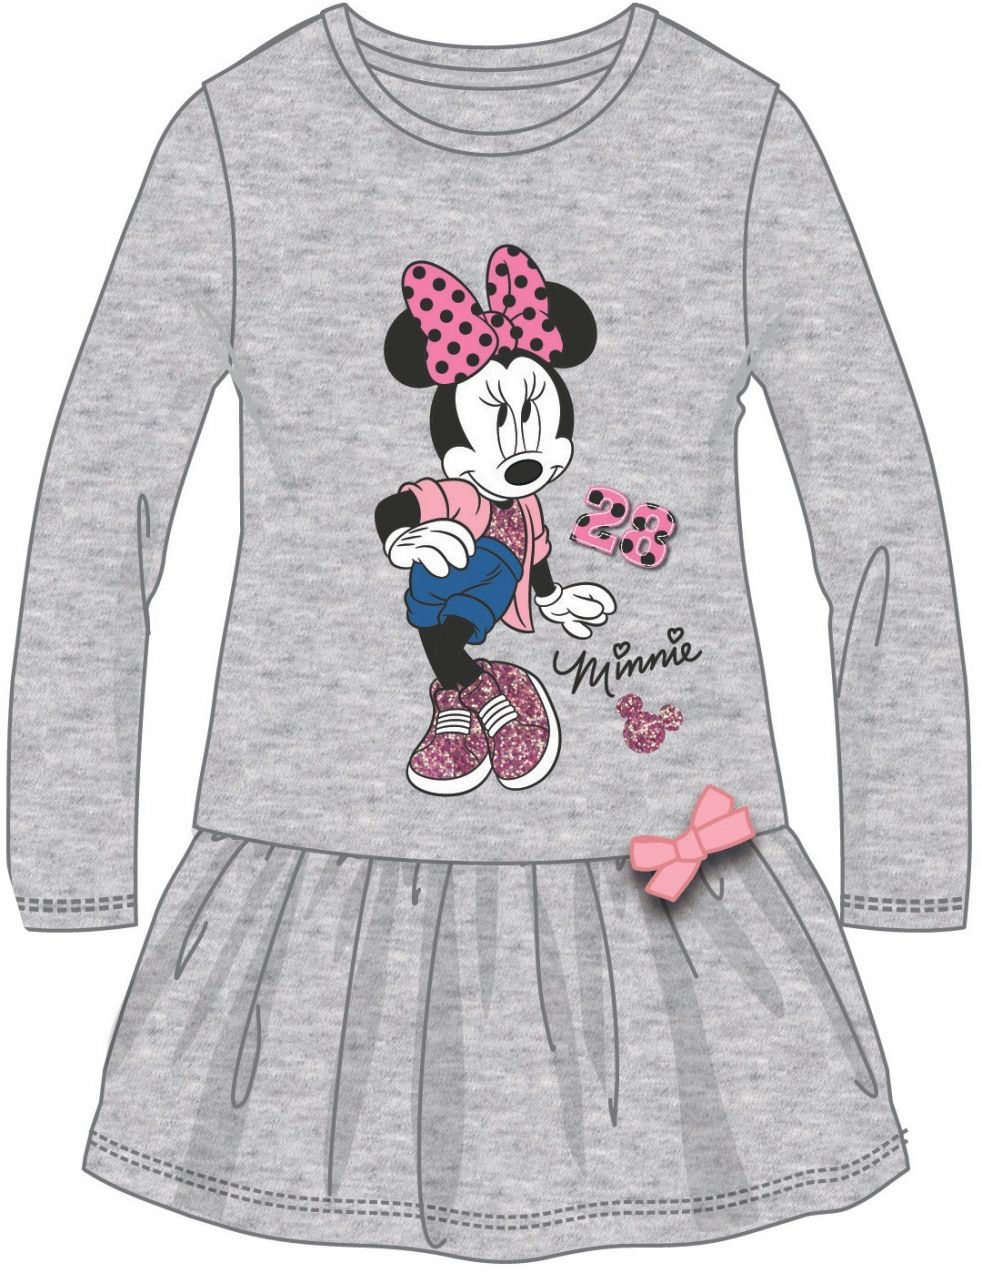 0b106e5a1865 Disney by Arnetta Dievčenské šaty Minnie - šedé značky Disney by Arnetta -  Lovely.sk